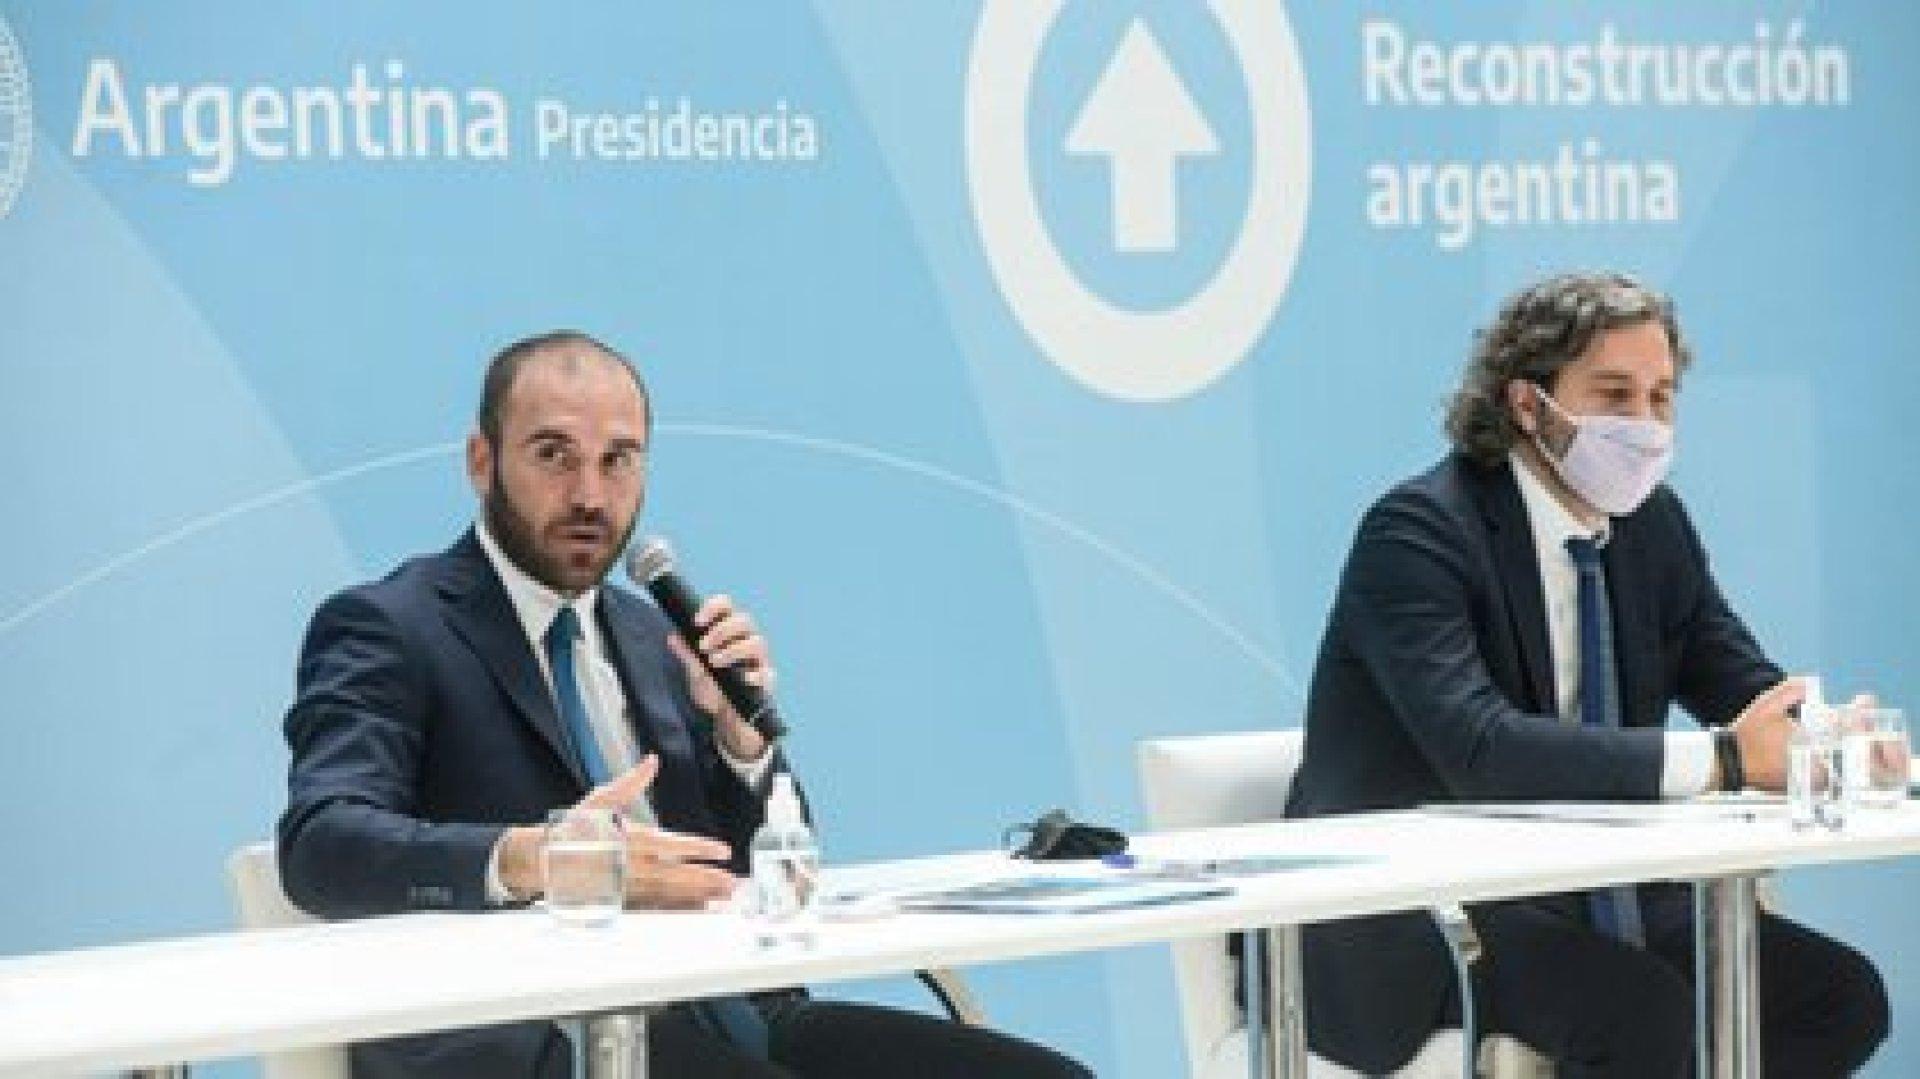 El ministro de Economía Martín Guzmán y el jefe de Gabinete Santiago Cafiero